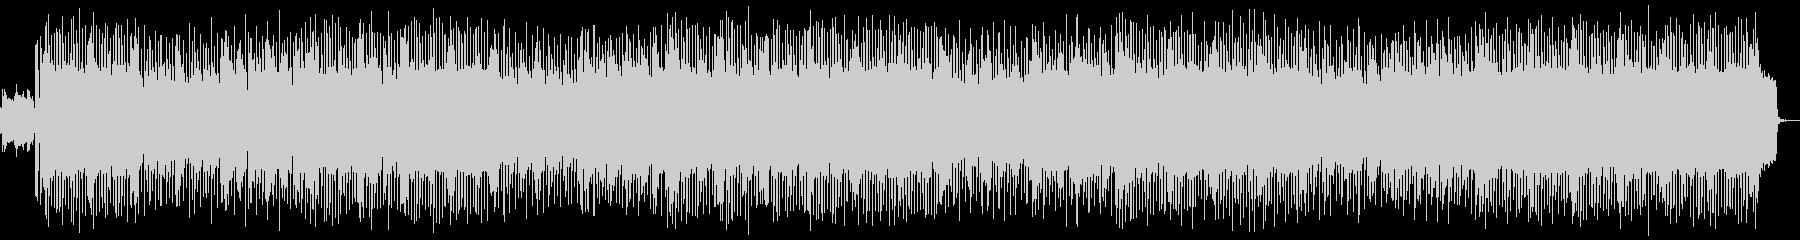 明るい80年代シンセポップ風BGMの未再生の波形